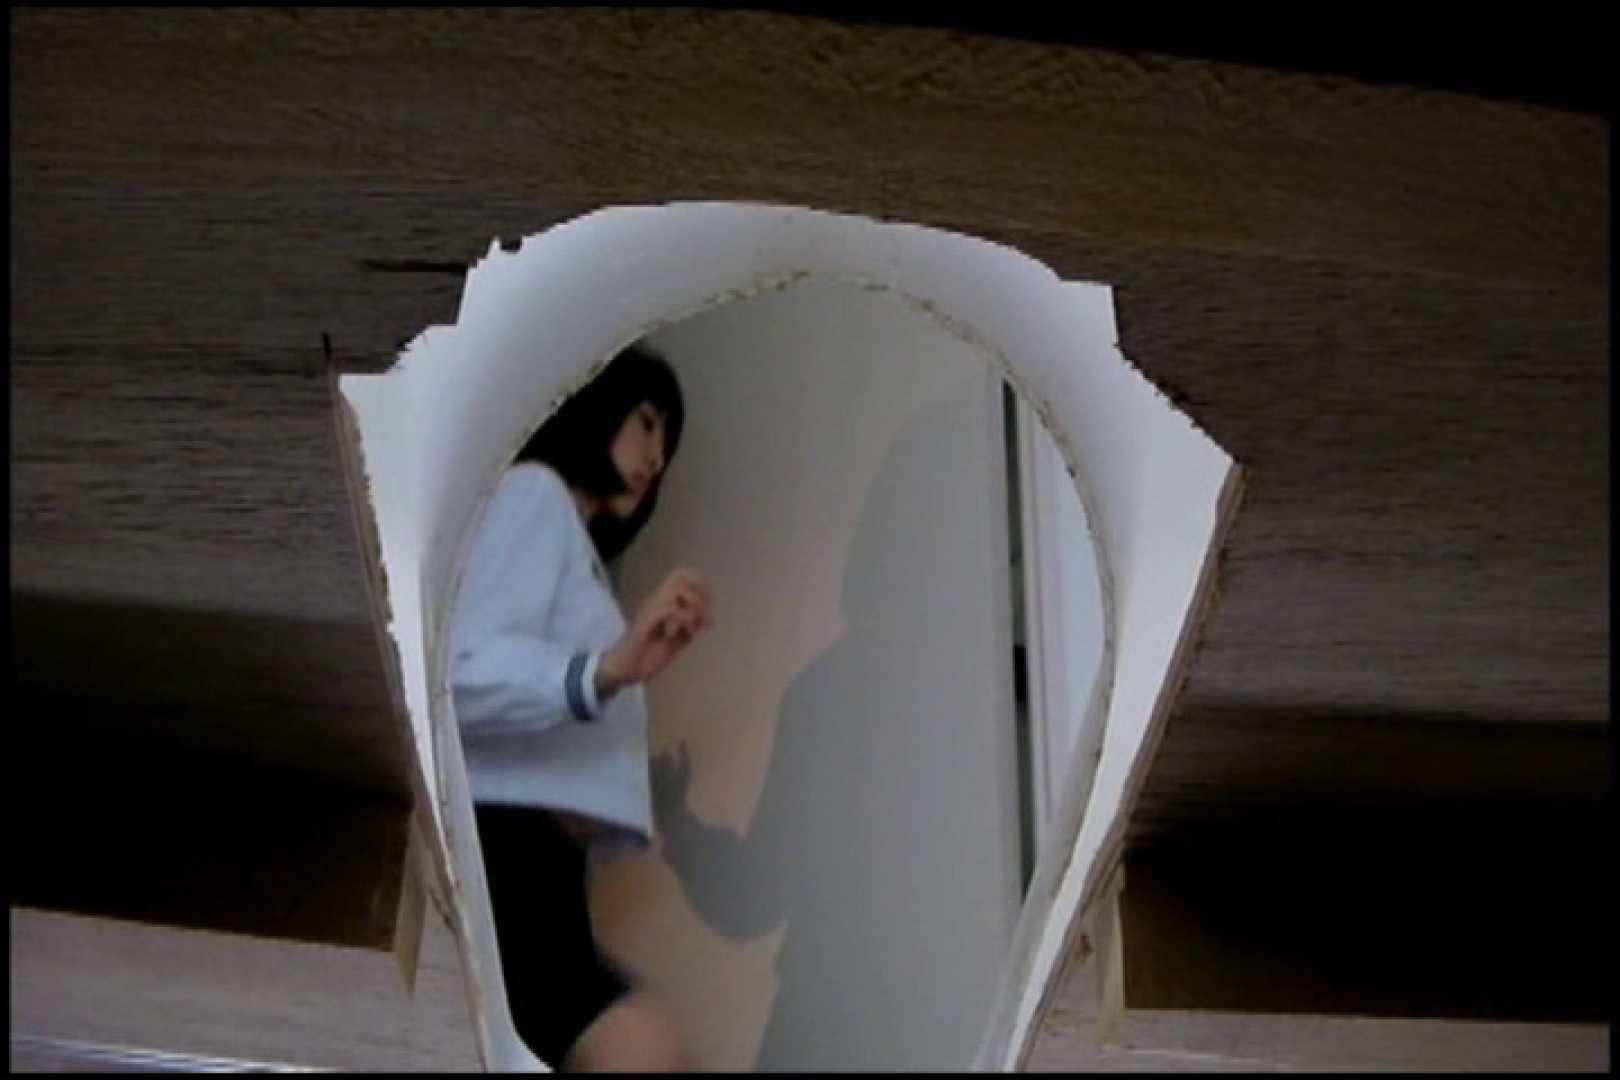 和式にまたがる女たちを待ちうけるカメラの衝撃映像vol.04 黄金水   盗撮  48pic 34